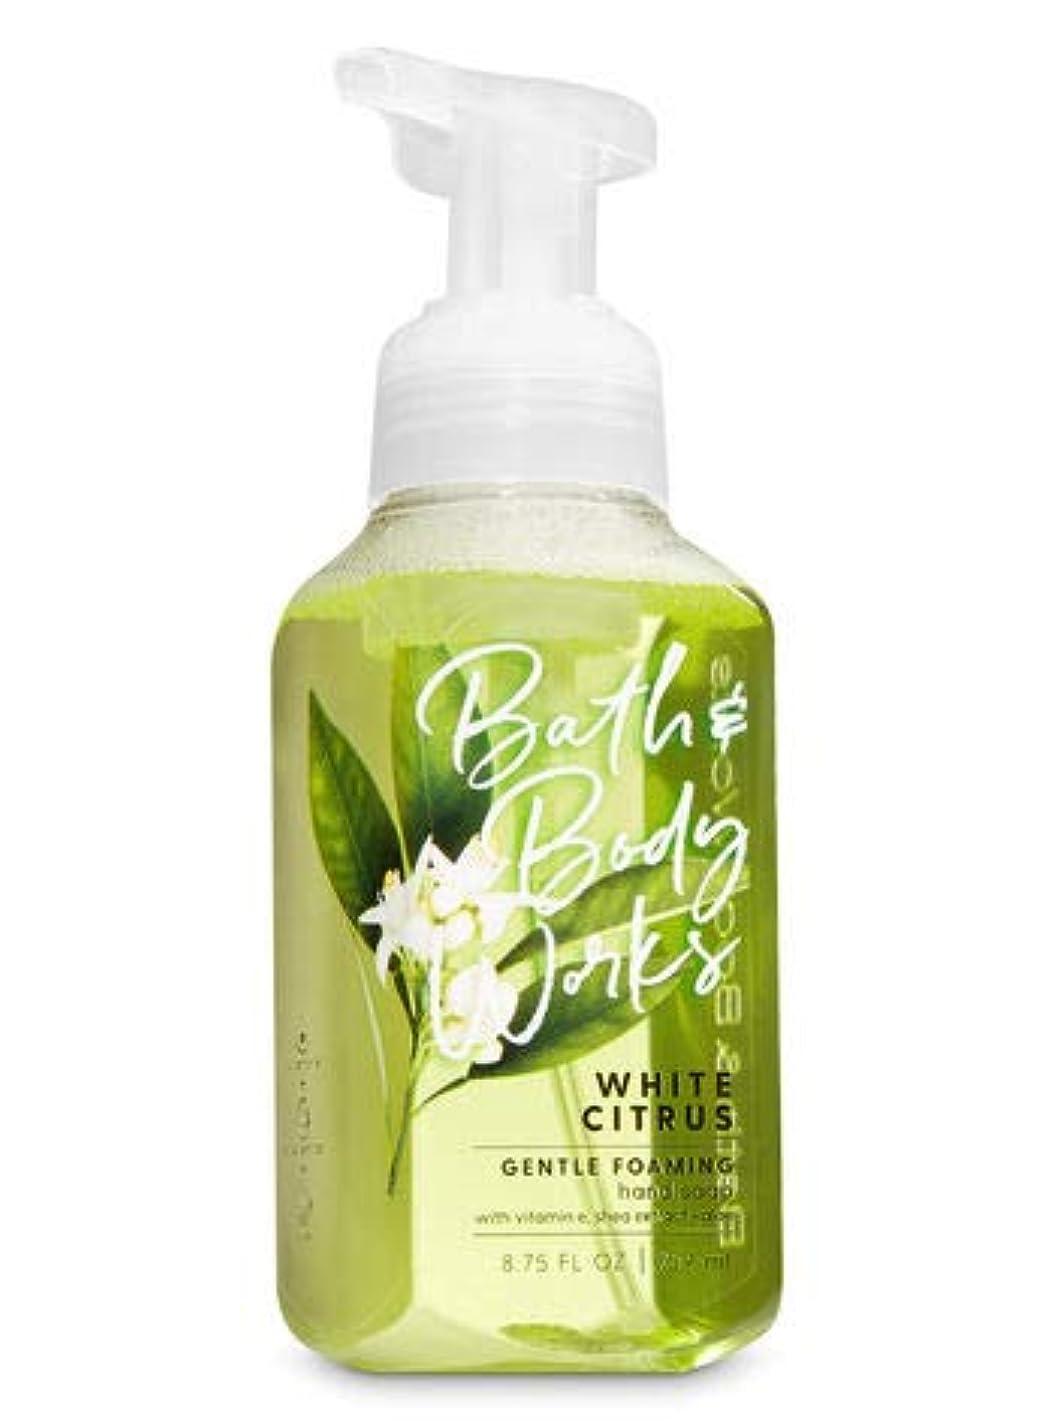 バス&ボディワークス ホワイトシトラス ジェントル フォーミング ハンドソープ White Citrus Gentle Foaming Hand Soap